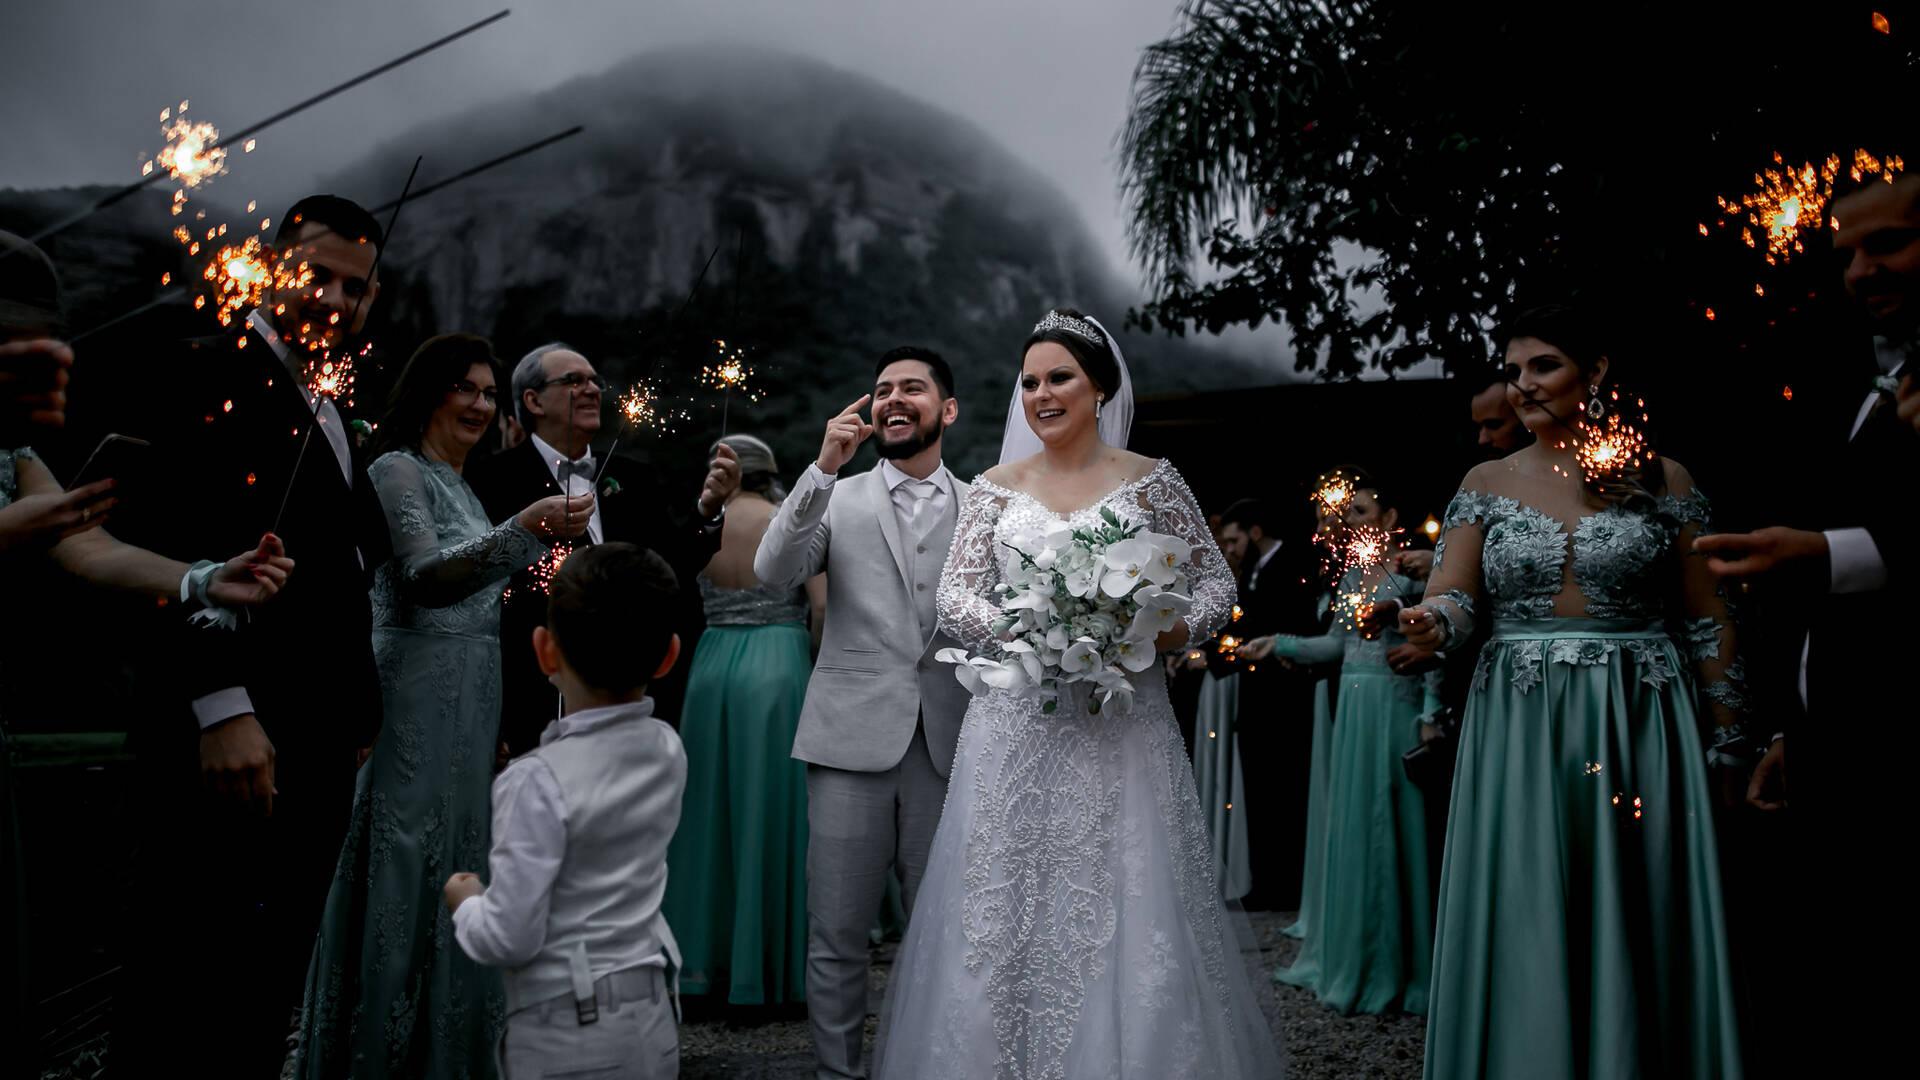 Blog de 10 Momentos de arrepiar que presenciei em casamentos